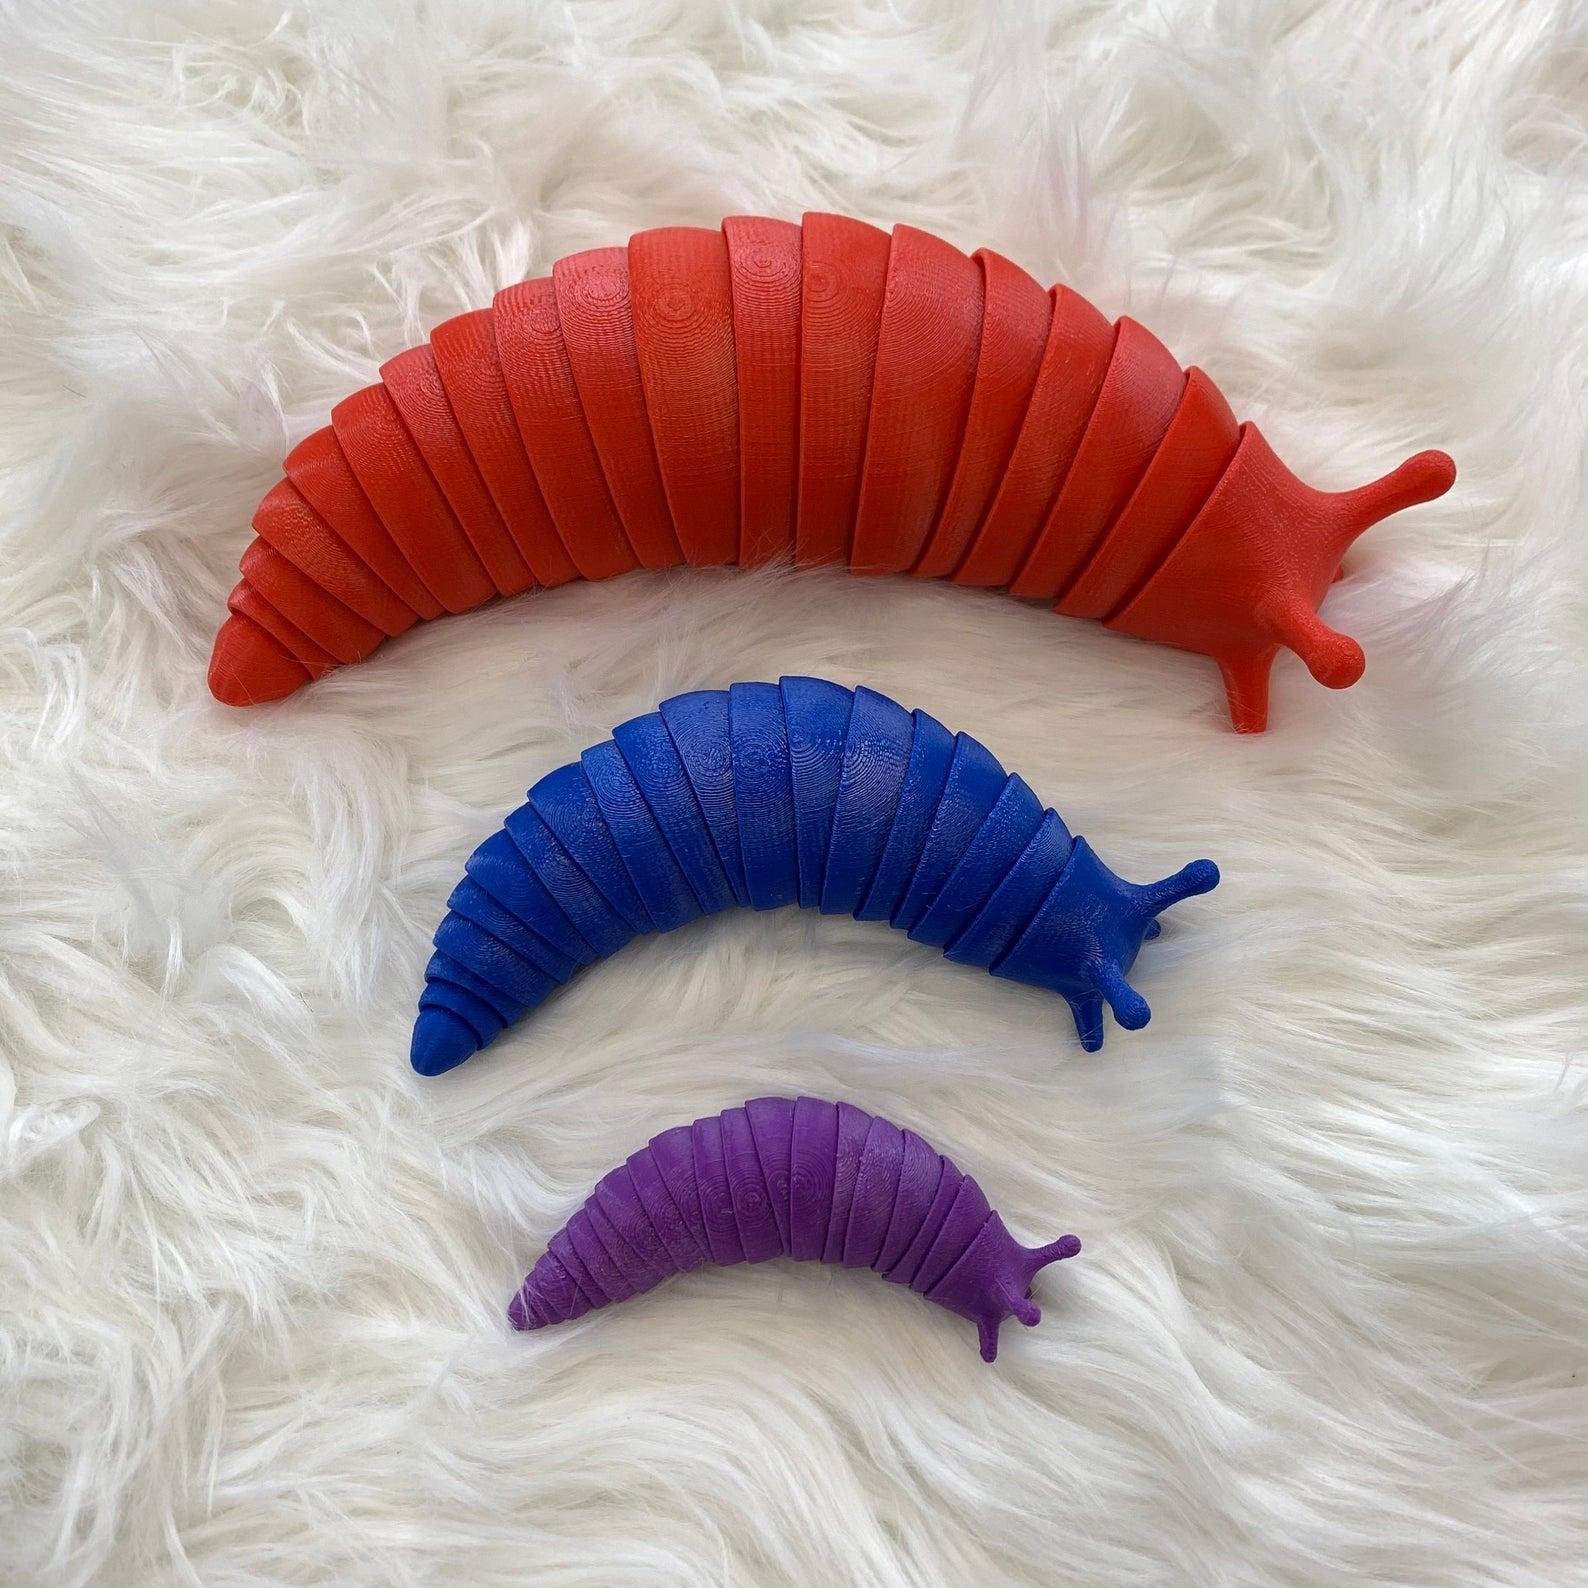 a red, a blue, and a purple slug fidget toy